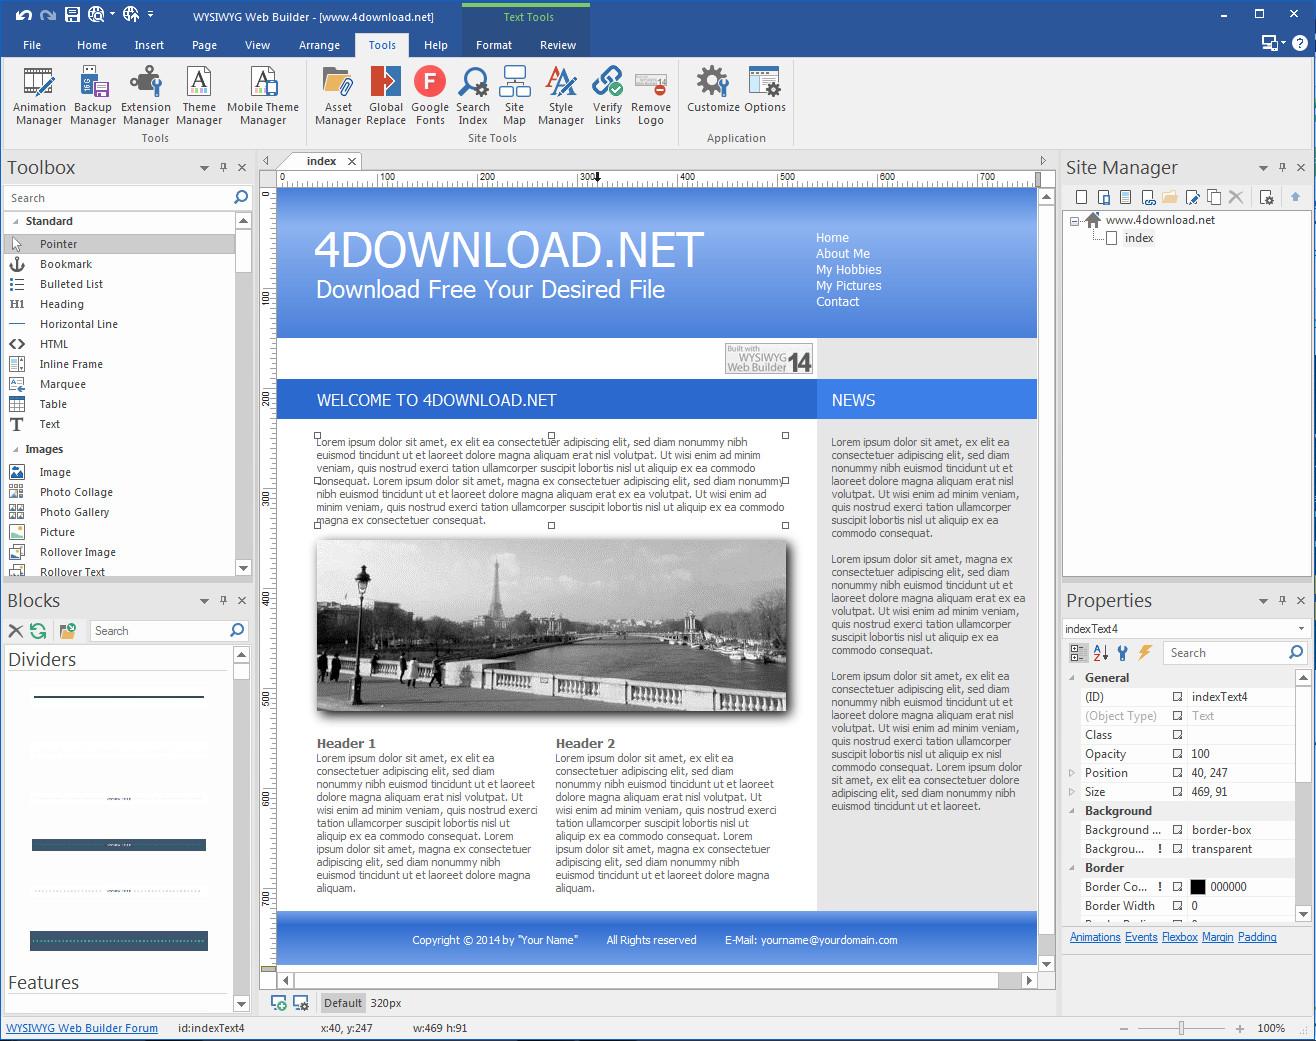 WYSIWYG Web Builder v14.3 Full version